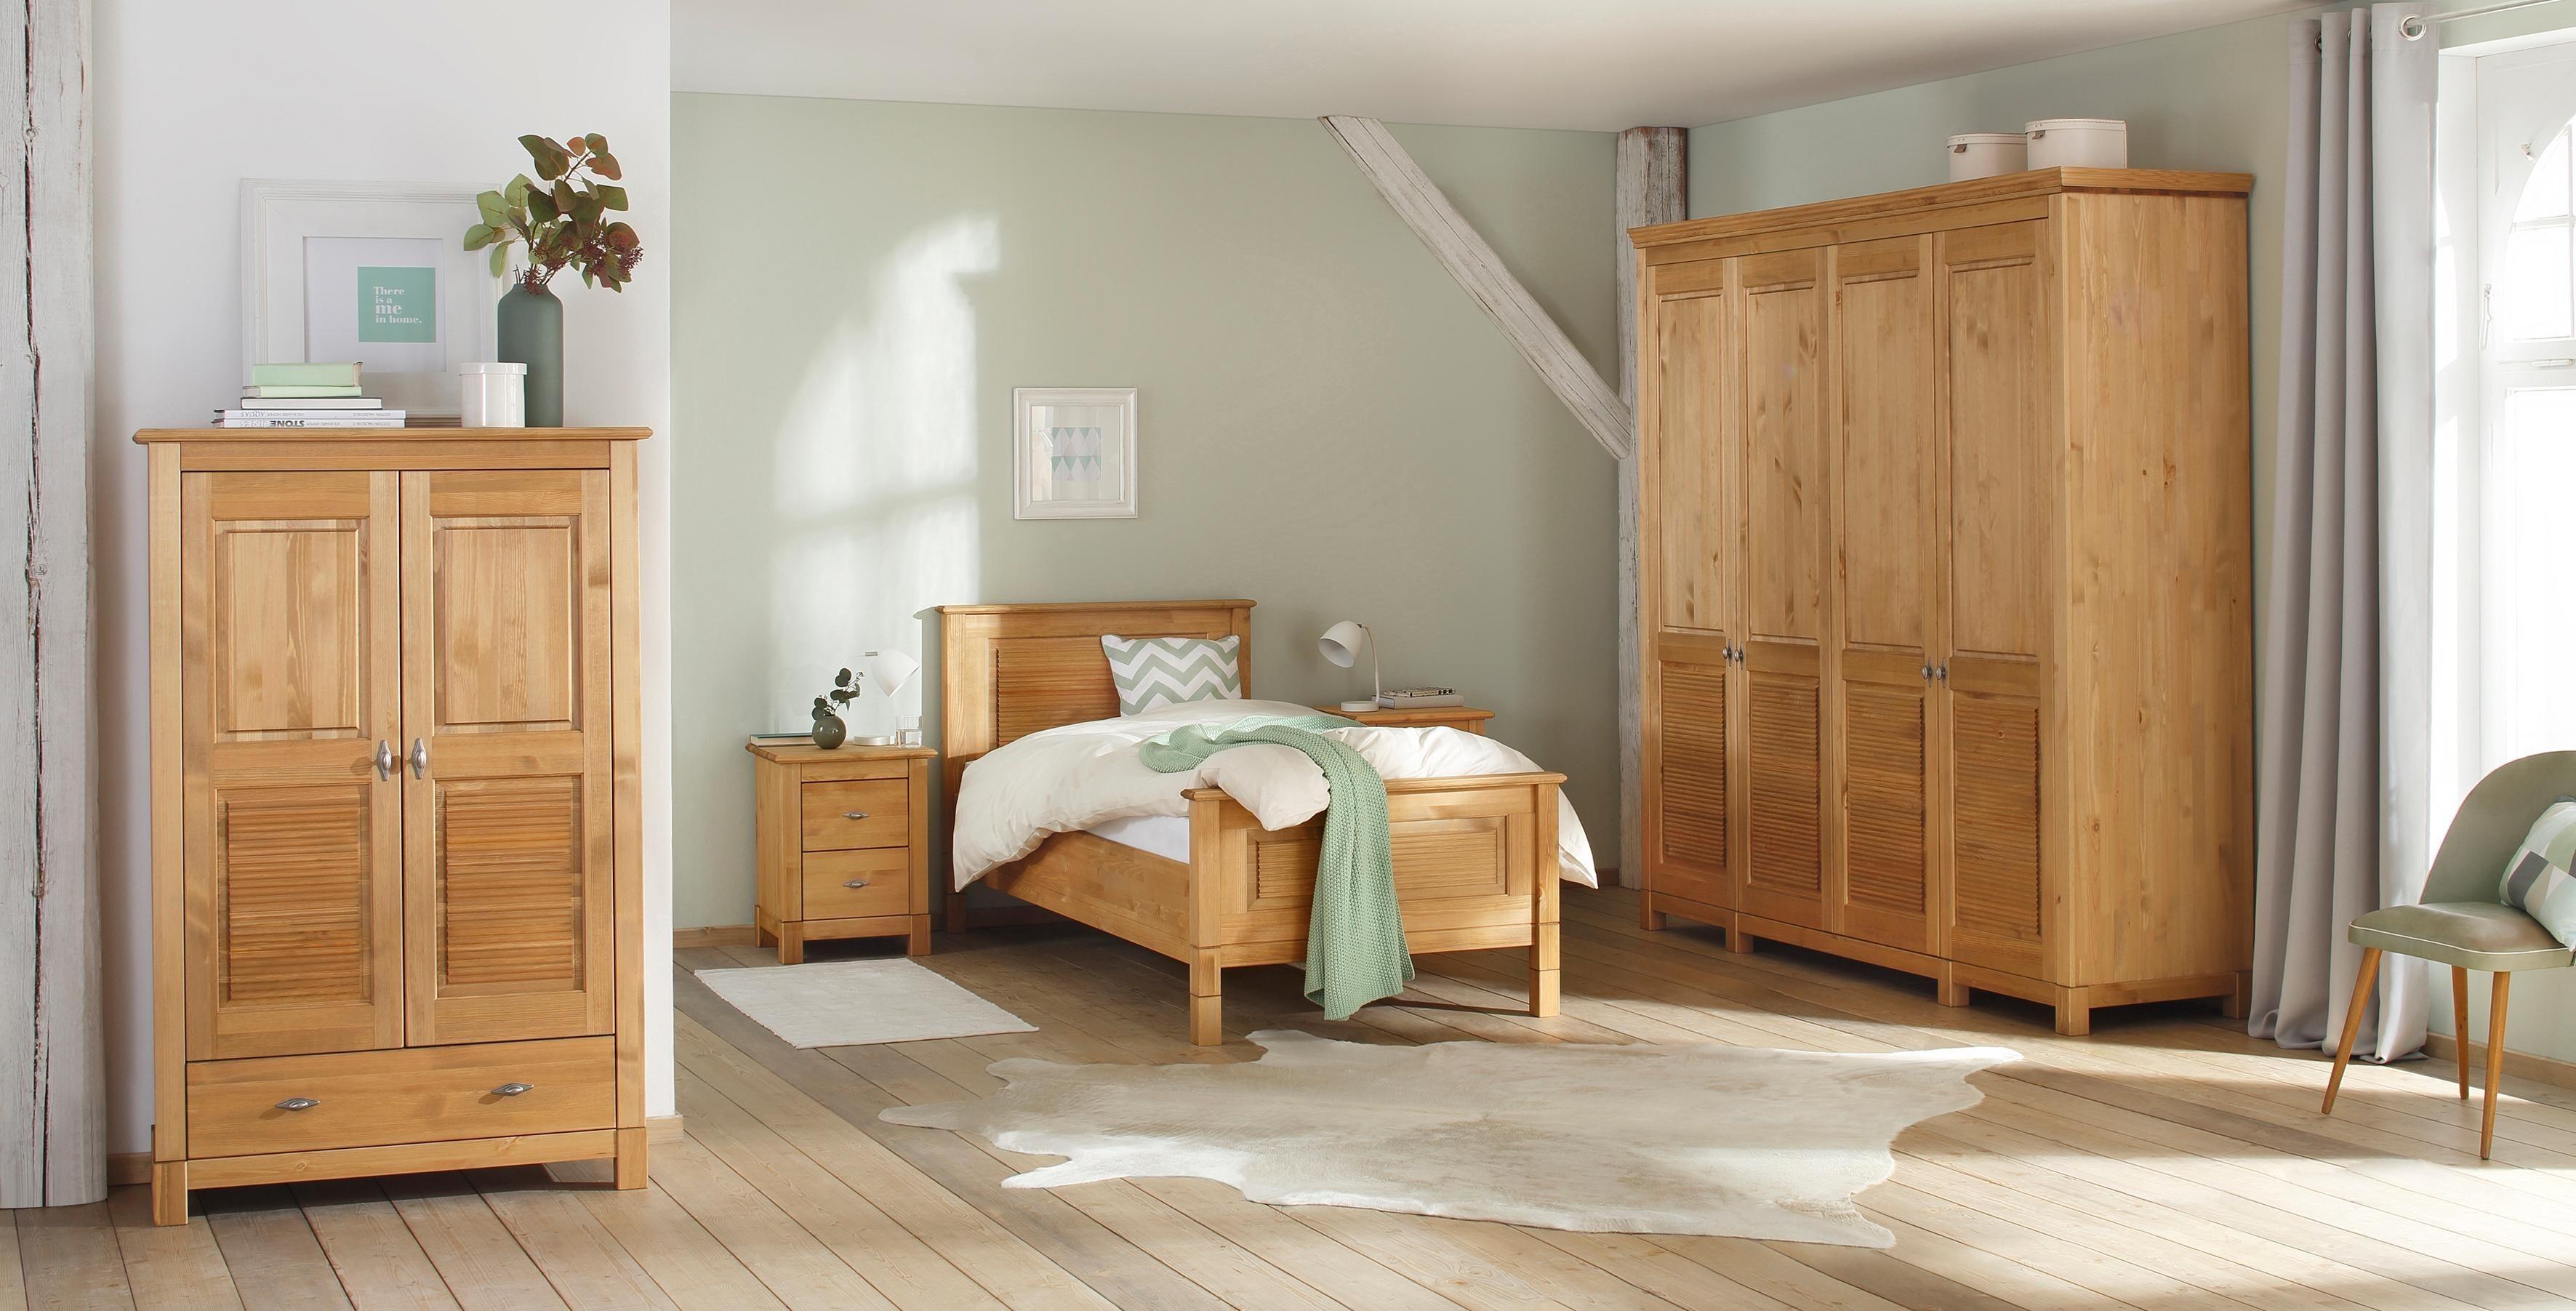 Home affaire Kleiderschrank »Rauna« aus massiver Kiefer | Schlafzimmer > Kleiderschränke > Drehtürenschränke | Glanz | Home affaire